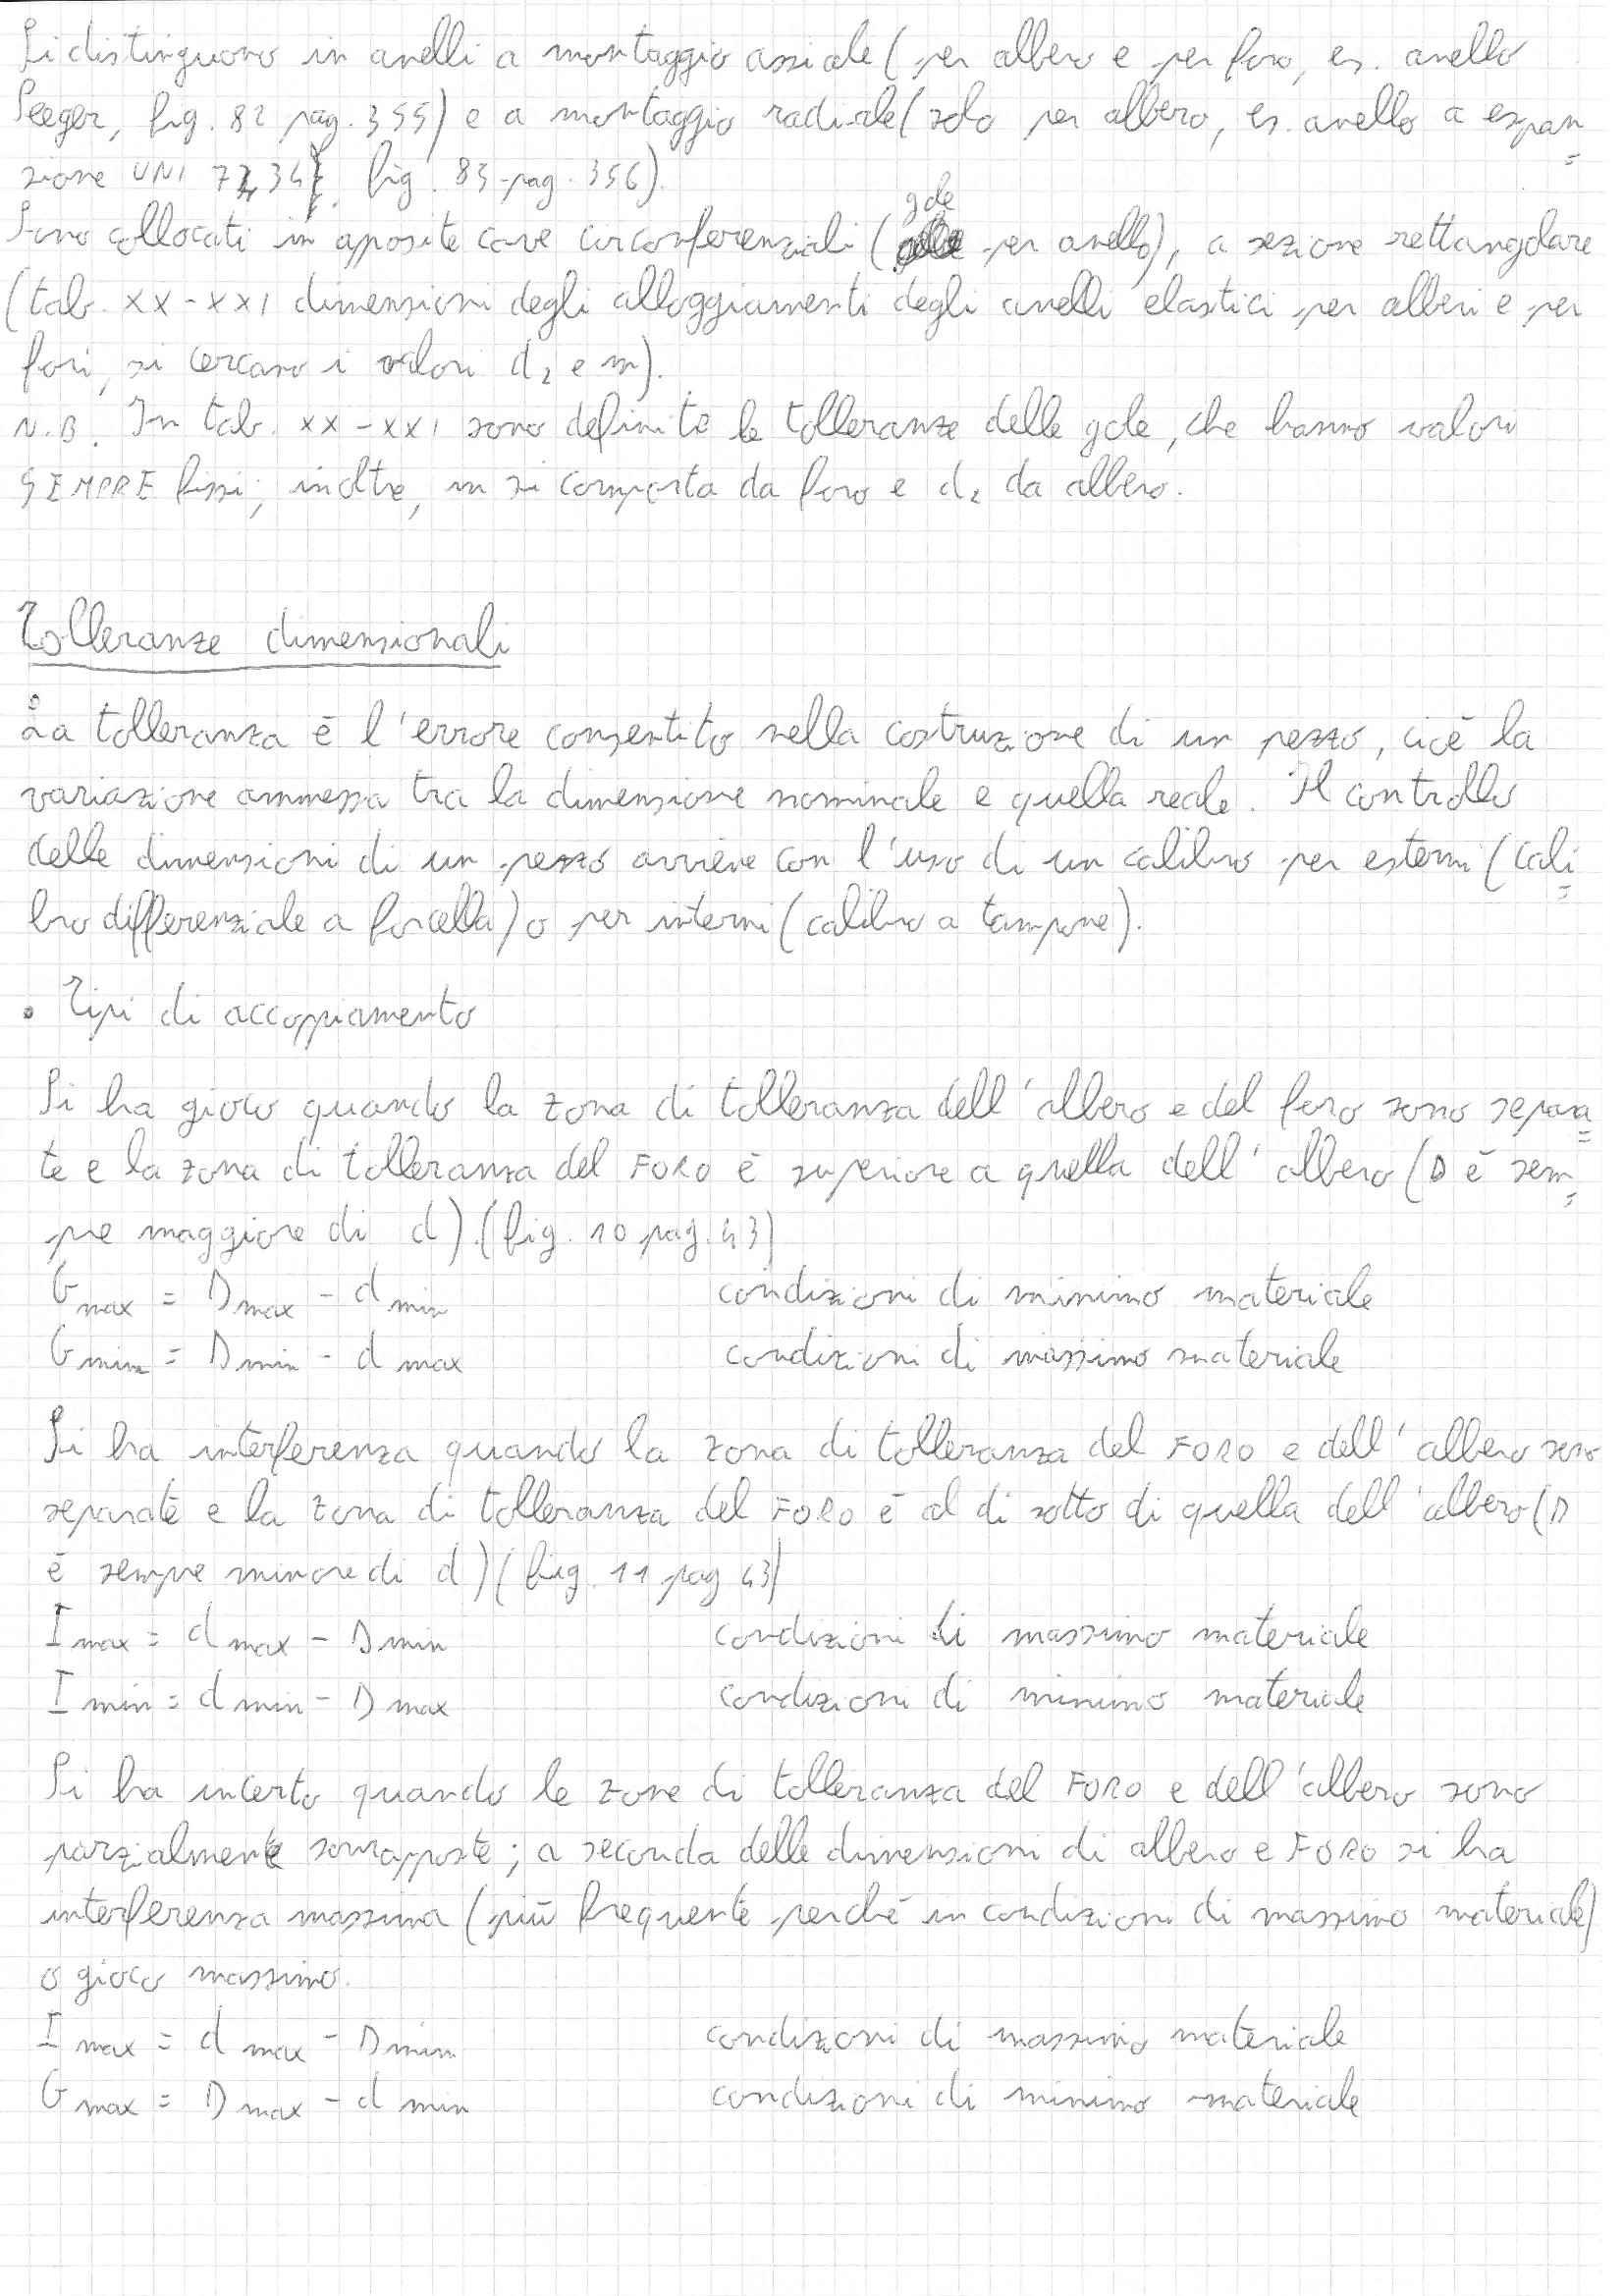 Disegno tecnico industriale - Appunti Pag. 11